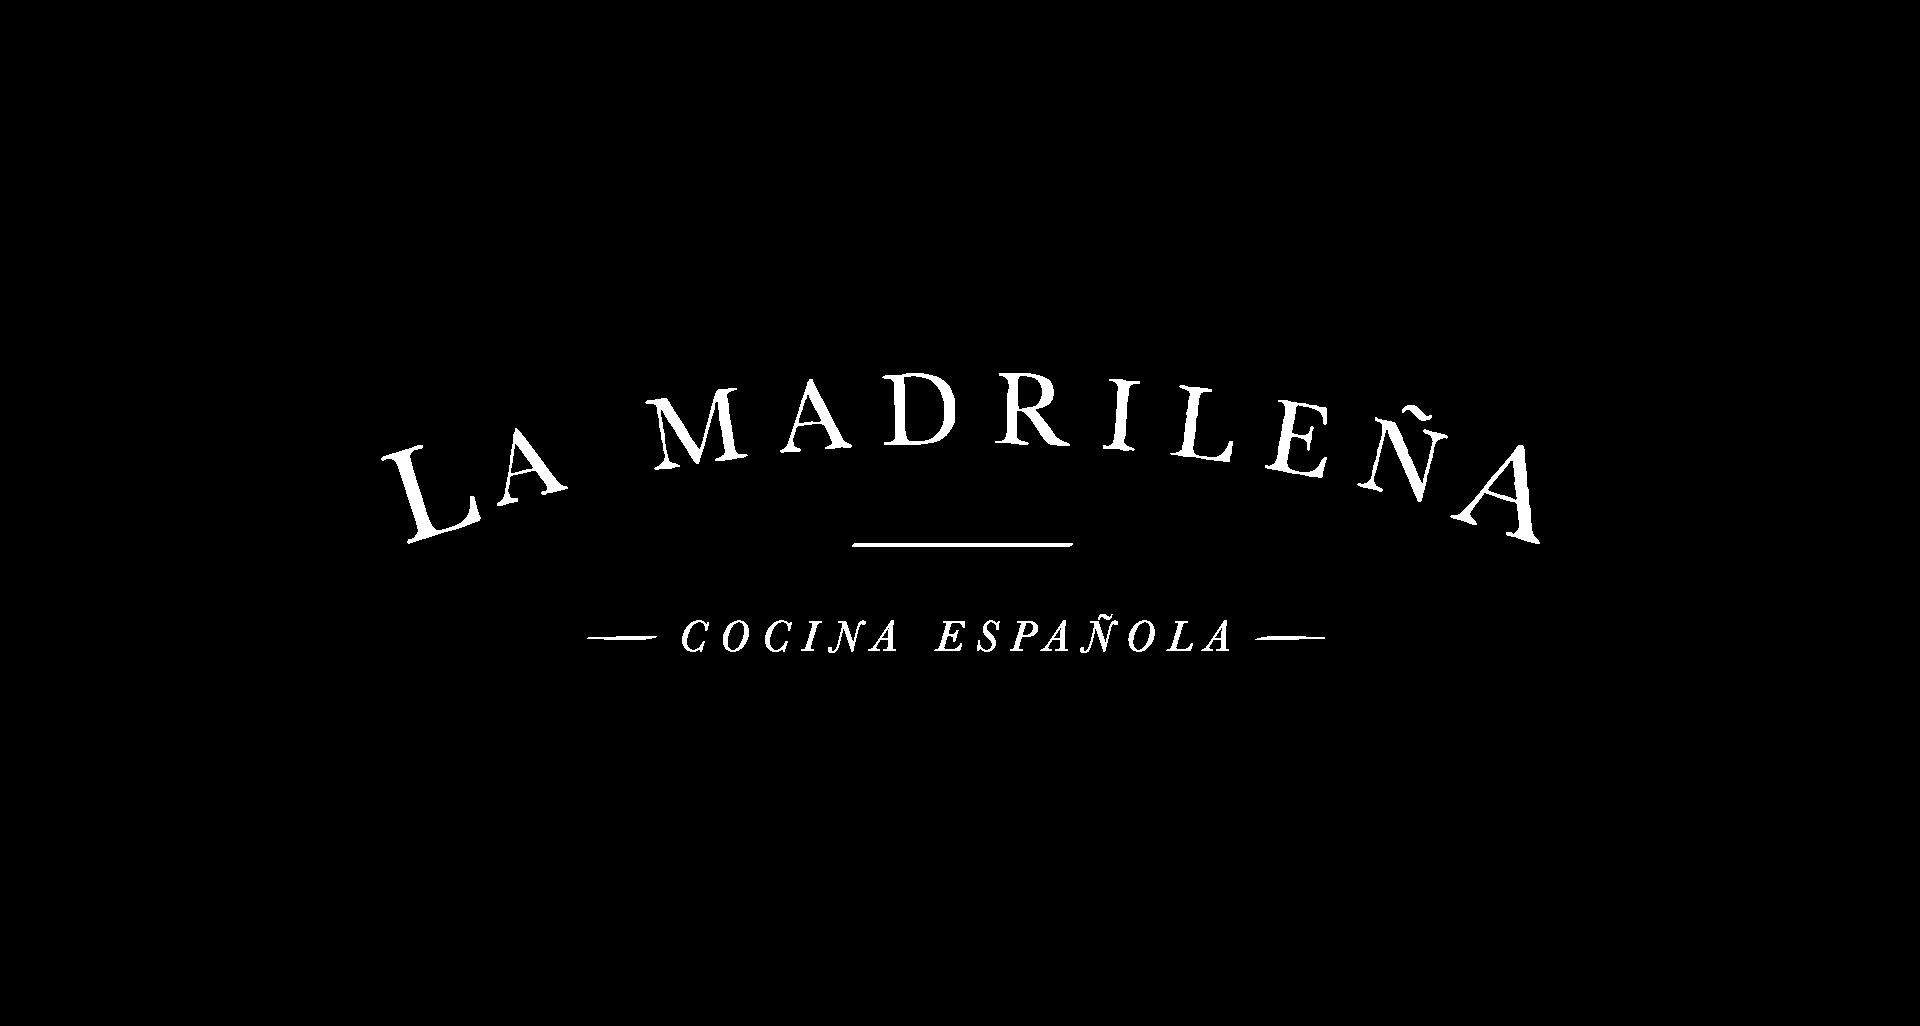 Logotipo de La Madrileña. Logotip de La Madrileña.